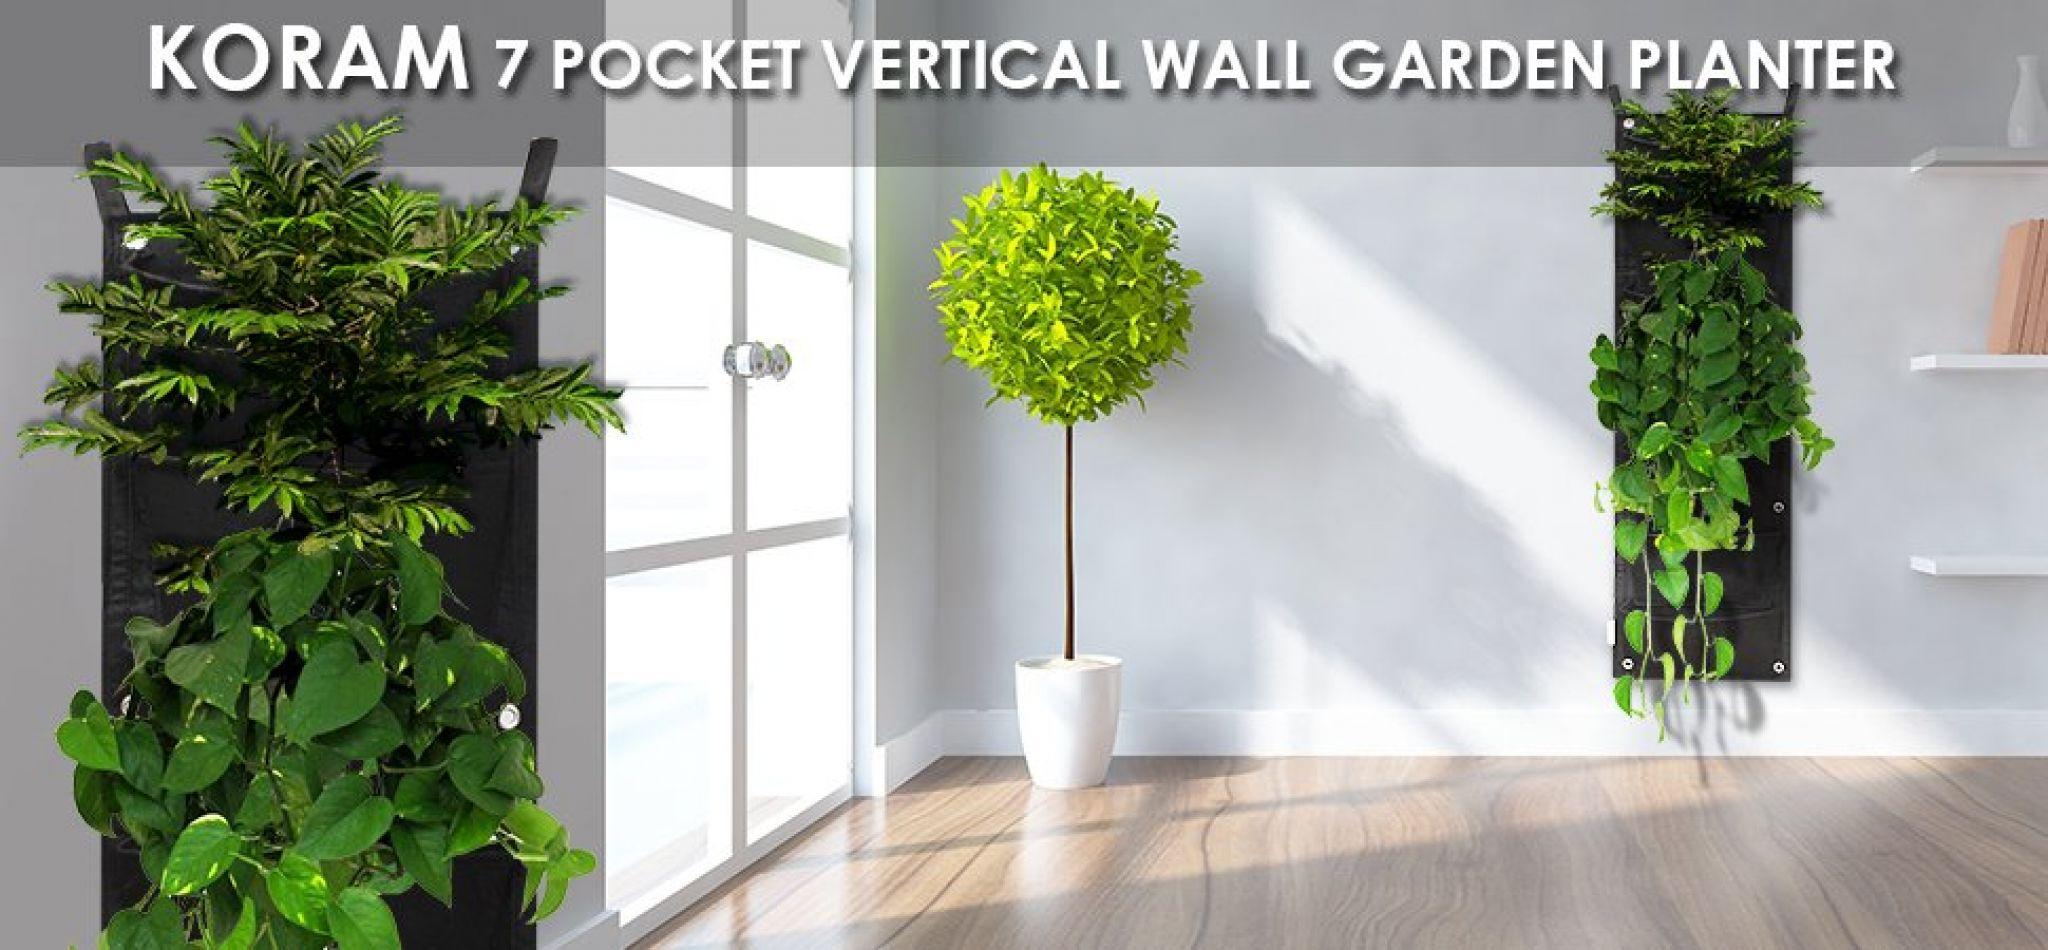 Amazon.com: KORAM 7 Pockets Vertical Garden Wall Planter Living Hanging  Flower Pouch Green